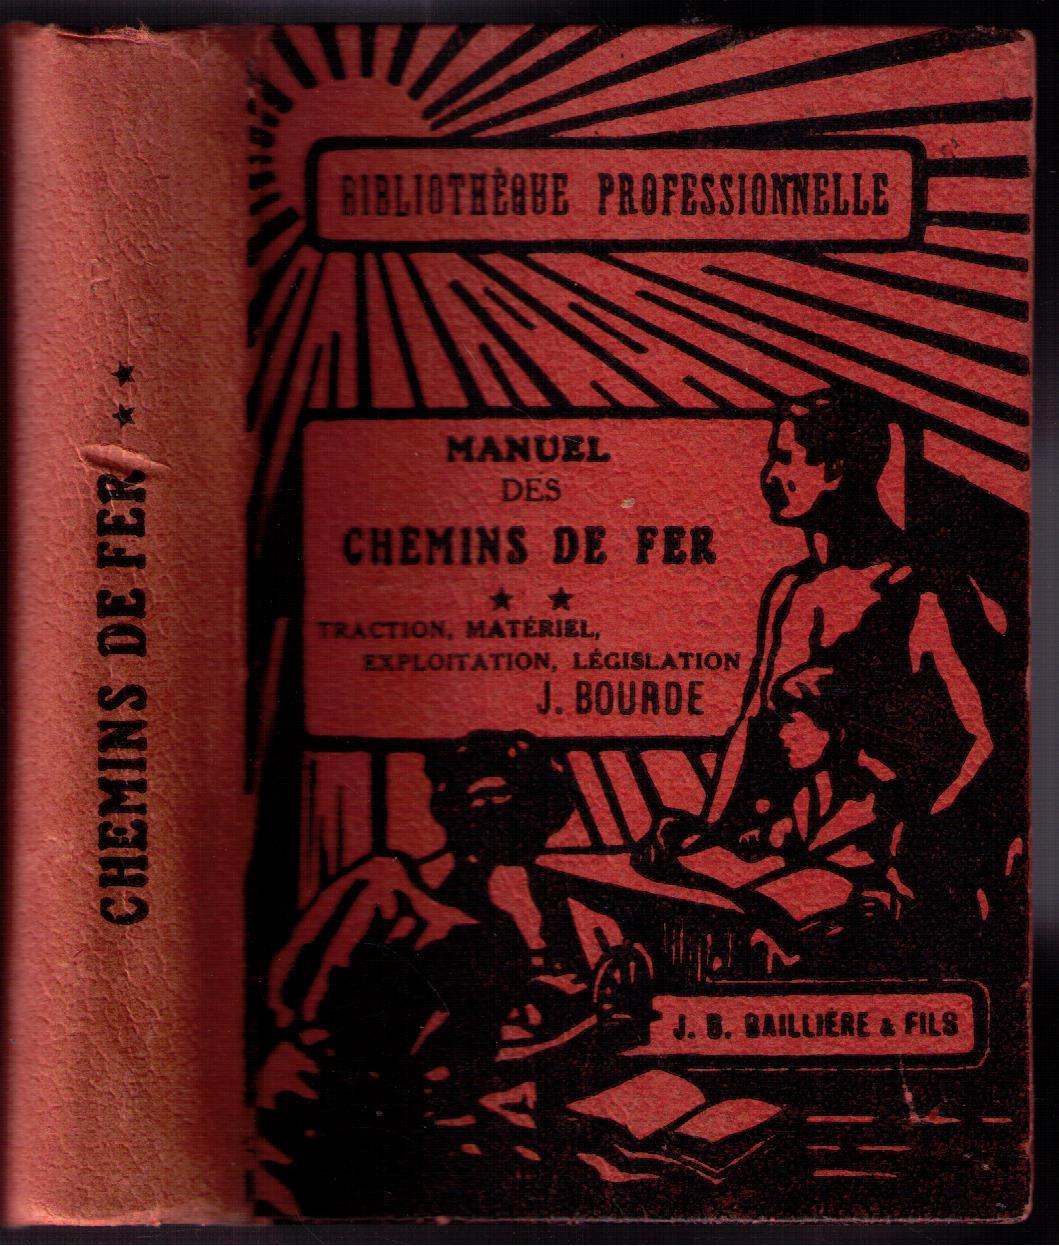 Manuel des Chemins de Fer Tome II : Traction, matériel, exploitation, législation. J. Bourde